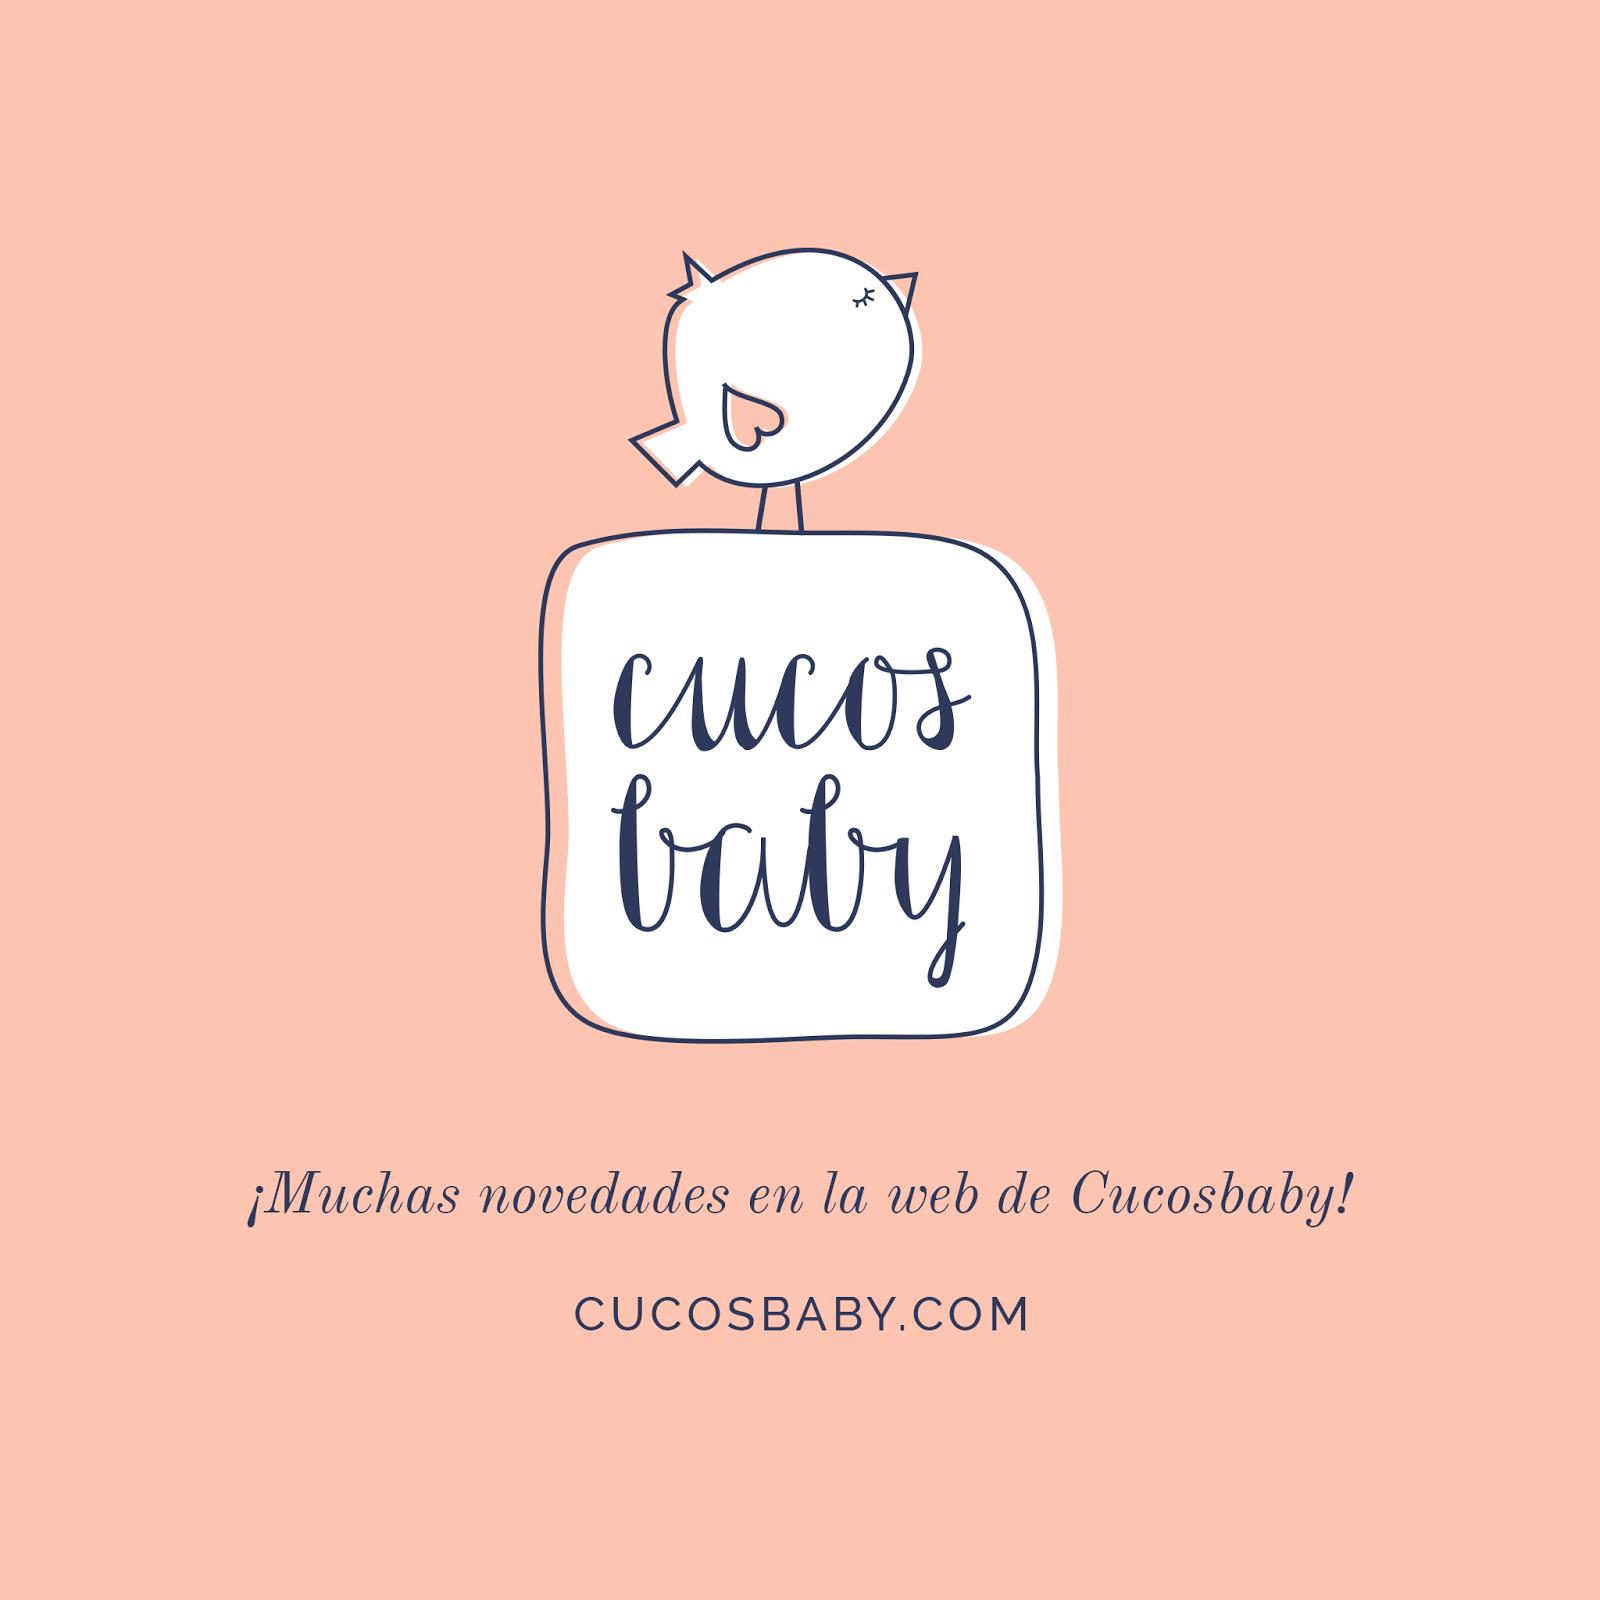 www.cucosbaby.com